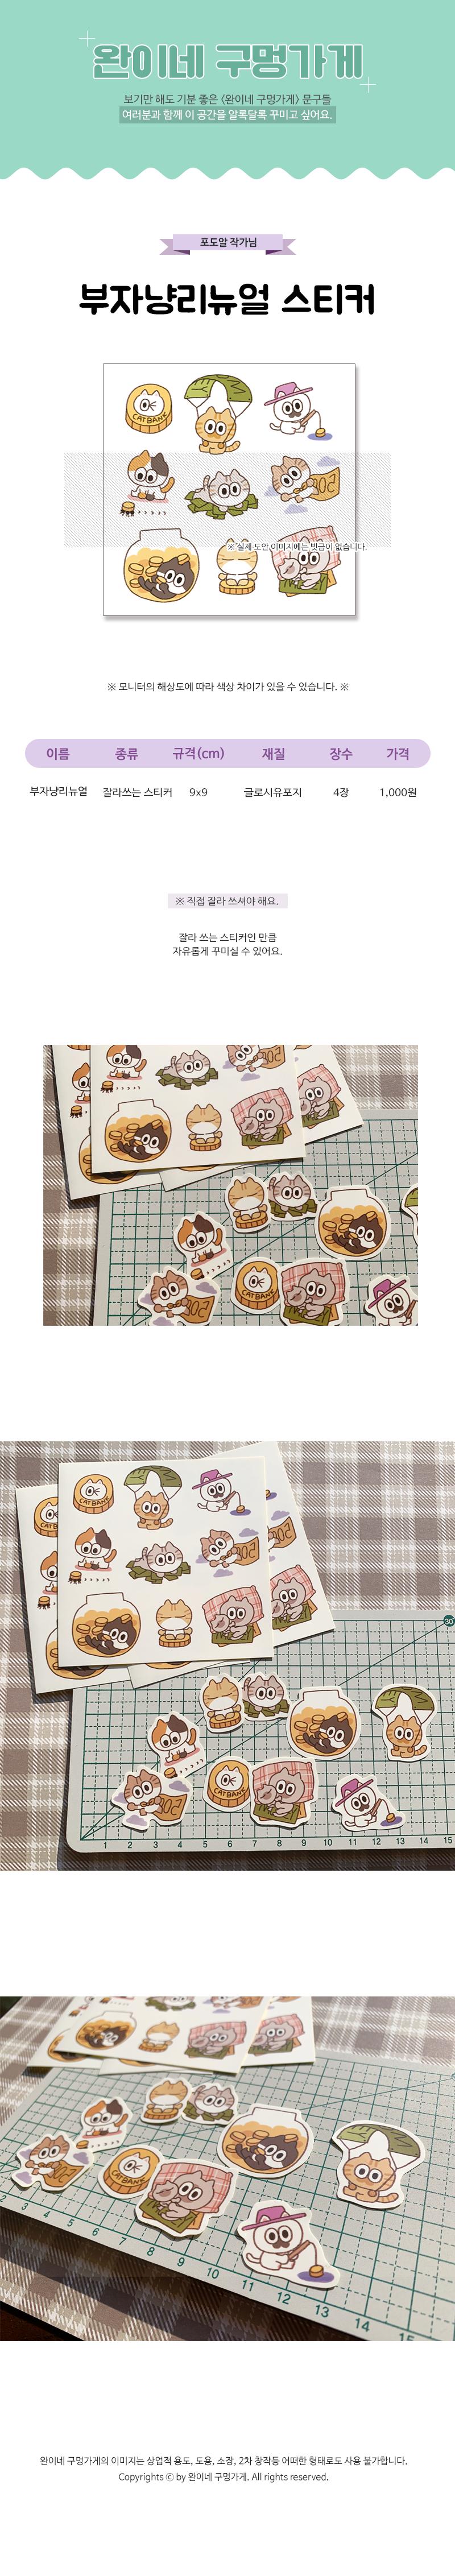 sticker685